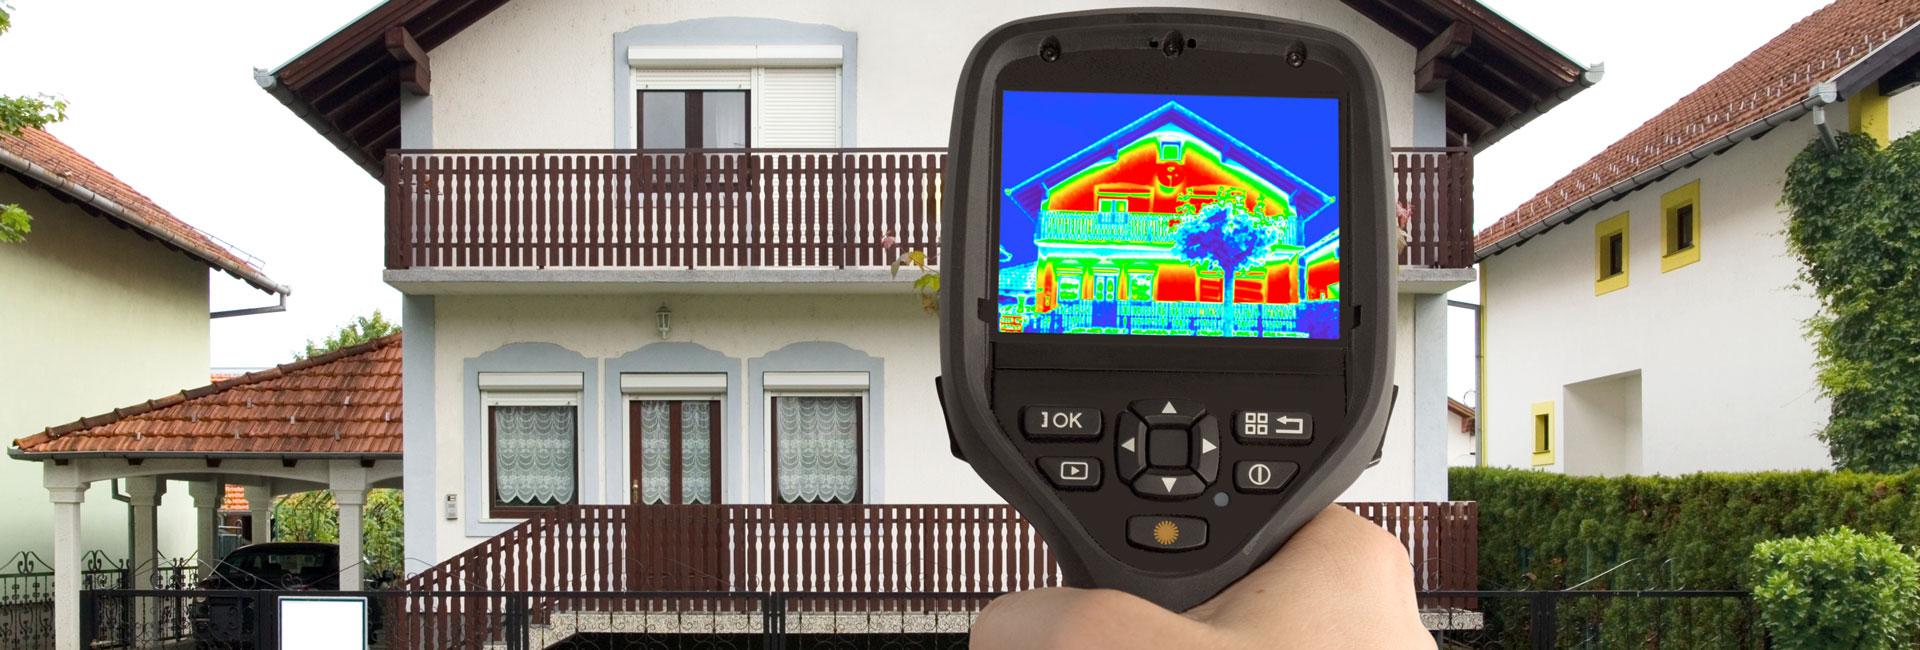 energetische Gebäudesanierung sichert und minimiert den Energieverbrauch